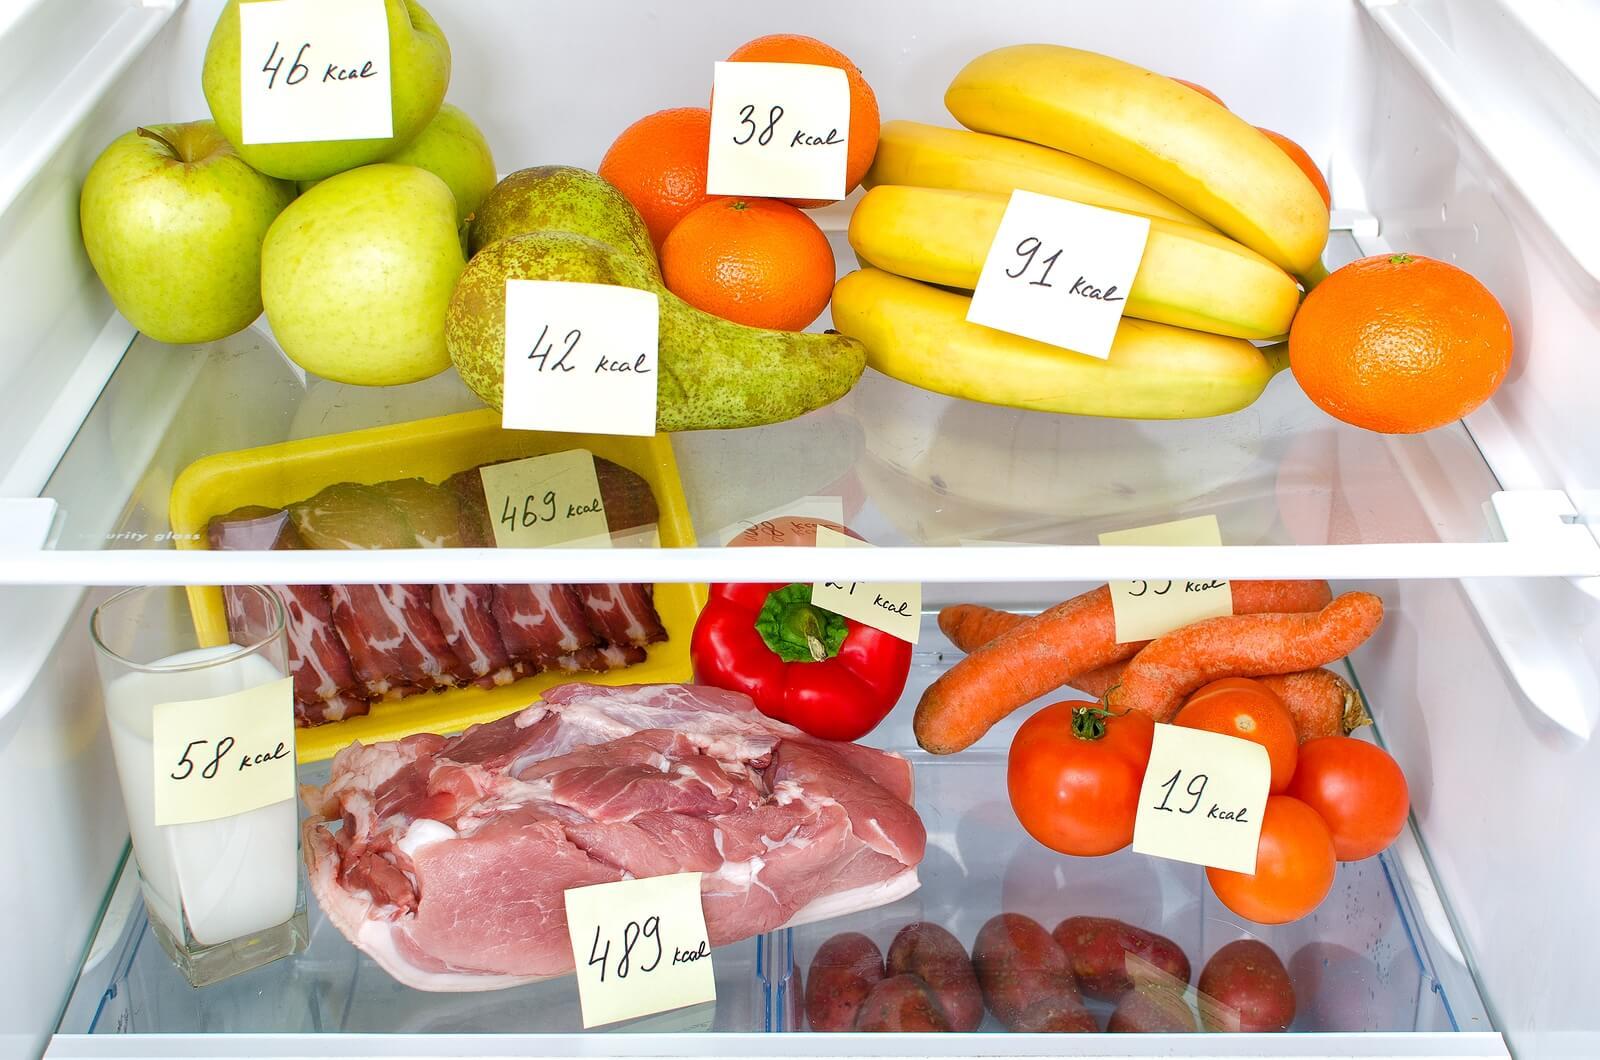 Как правильно подсчитать калории чтобы похудеть